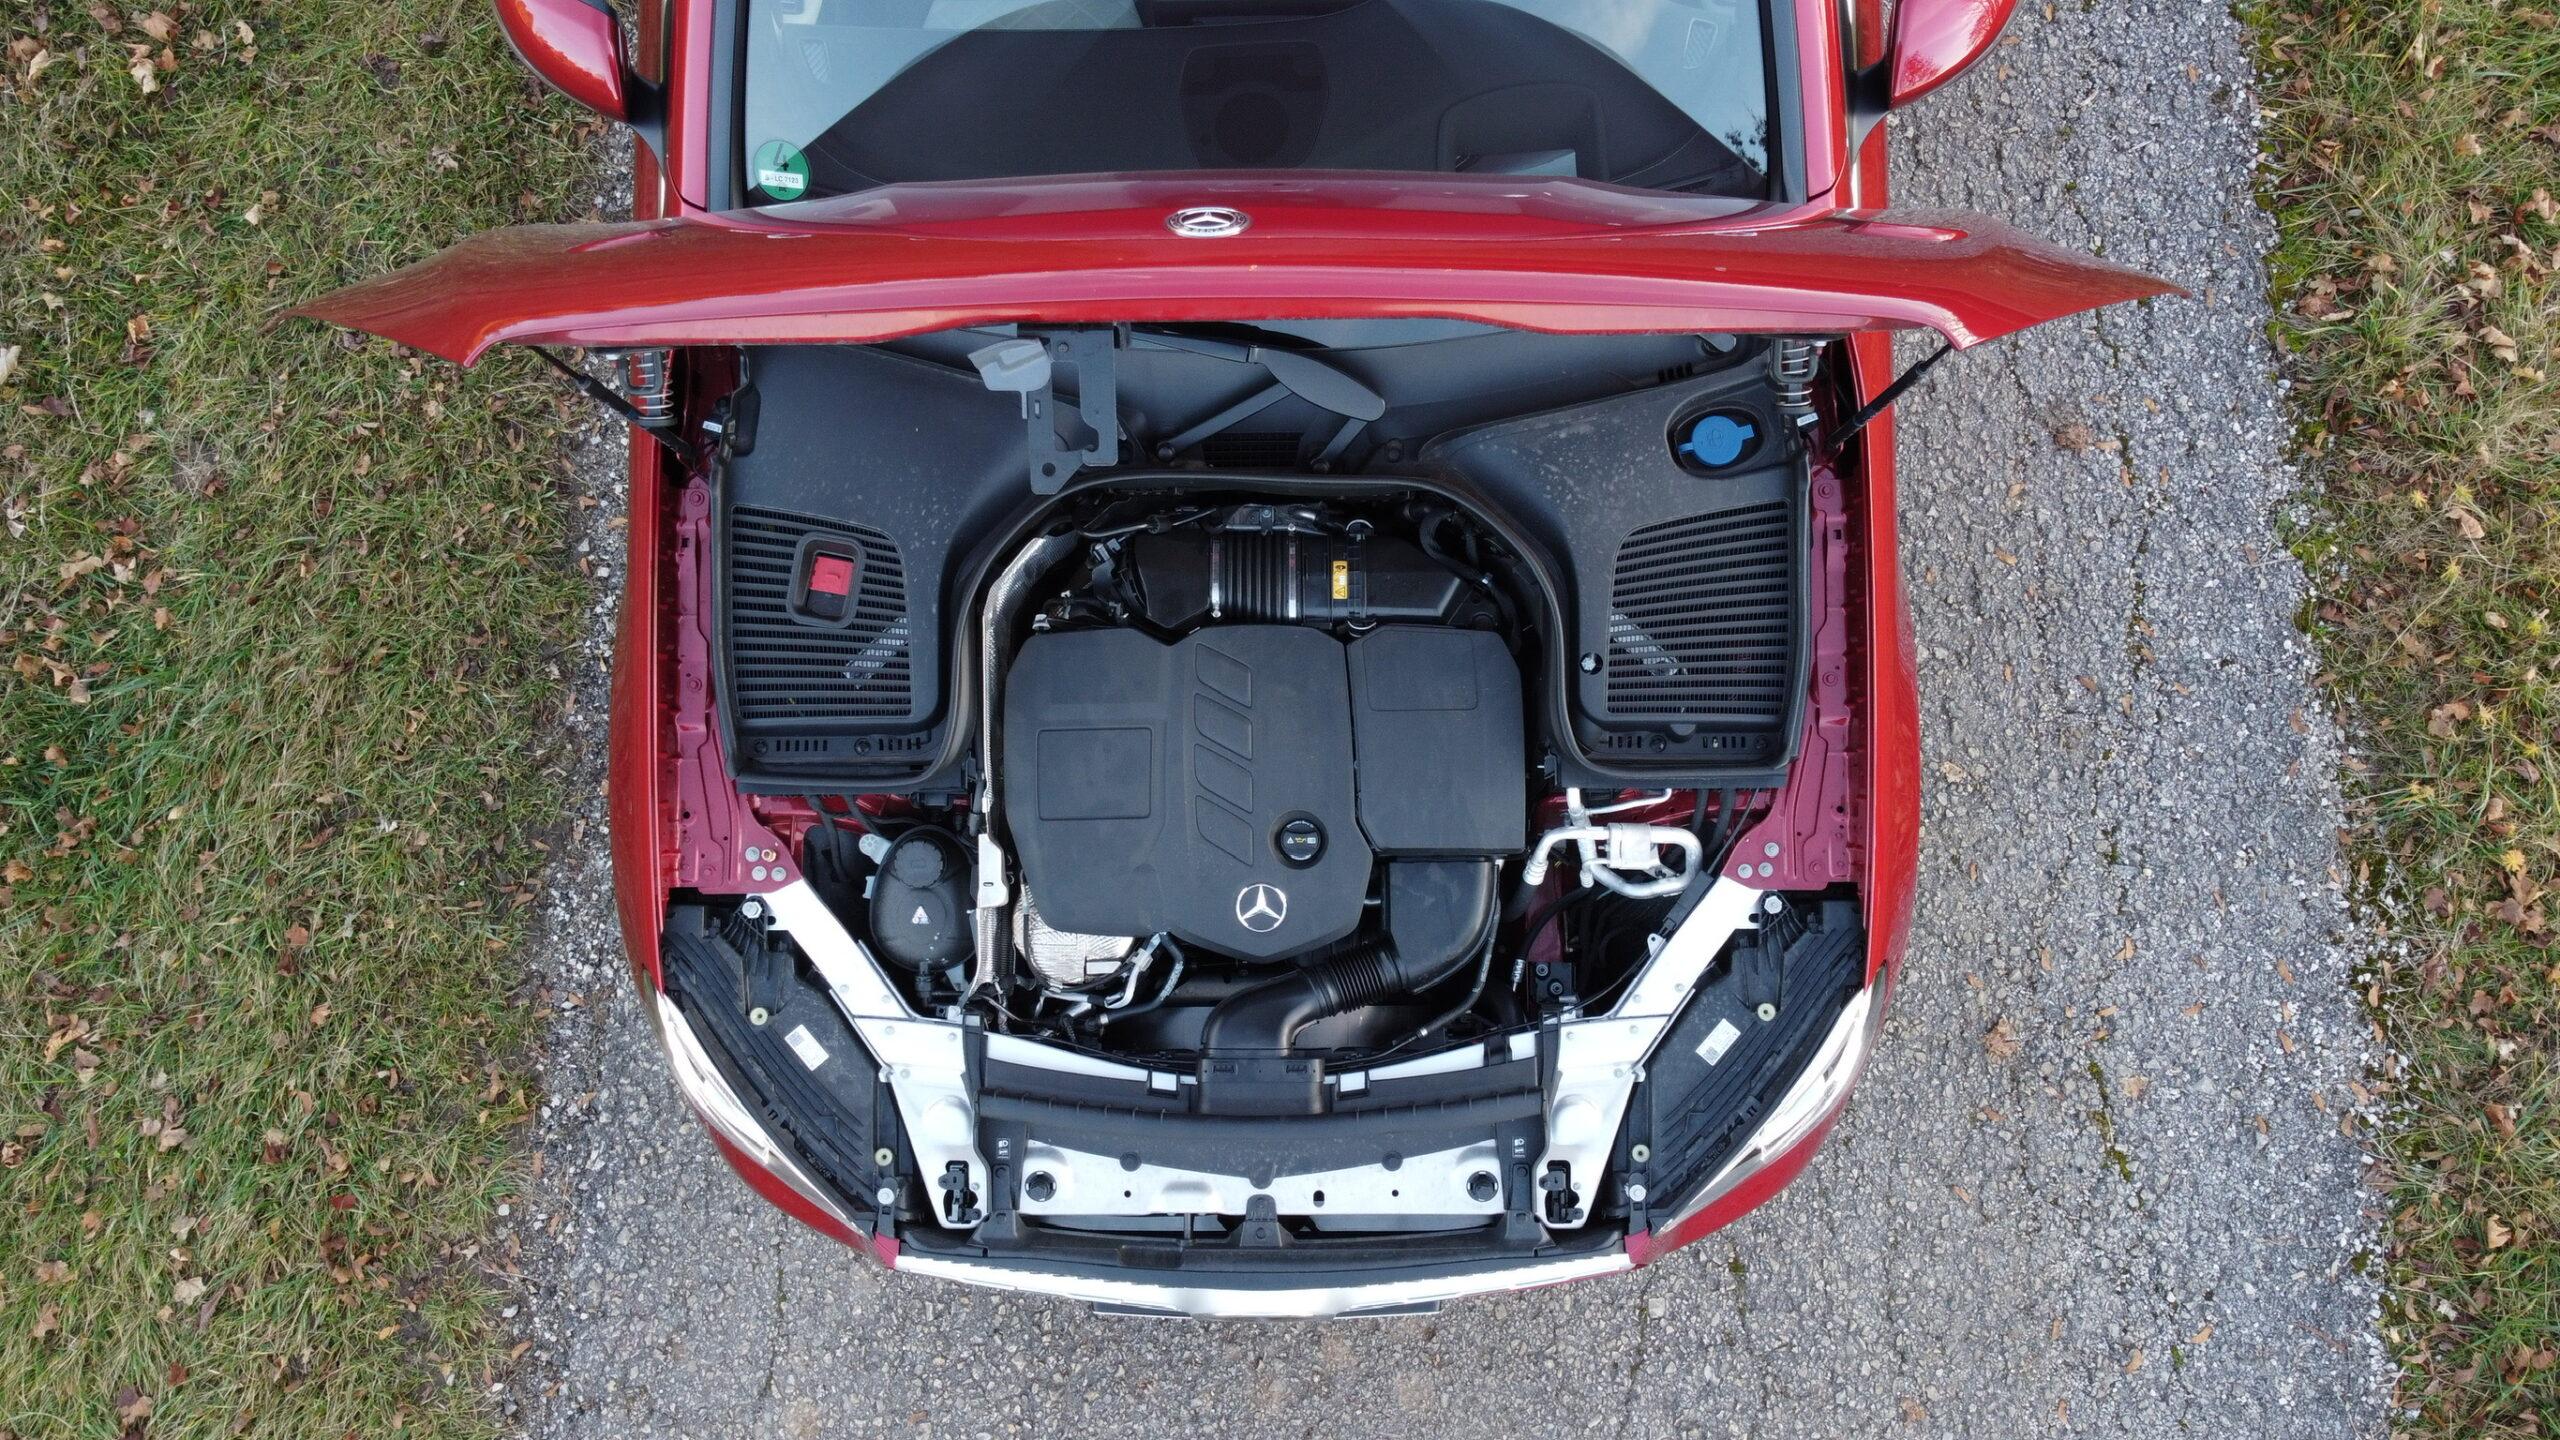 Fahrtest im GLC 220 d 4MATIC Coupé - reicht der 194 PS Diesel im Alltag ?